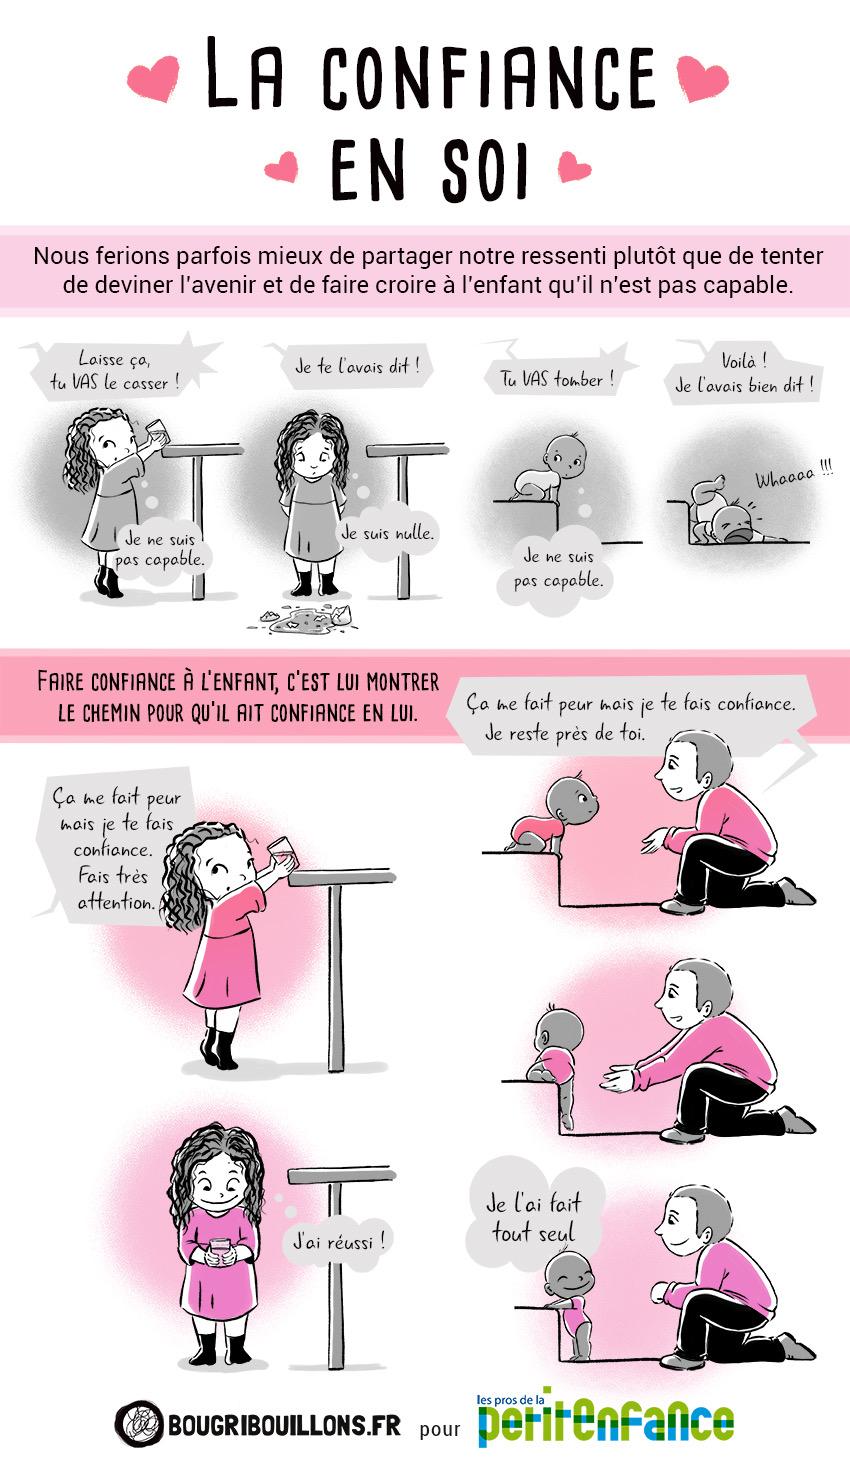 La confiance en soi - Nouvelle version - Récit illustré de Bougribouillons